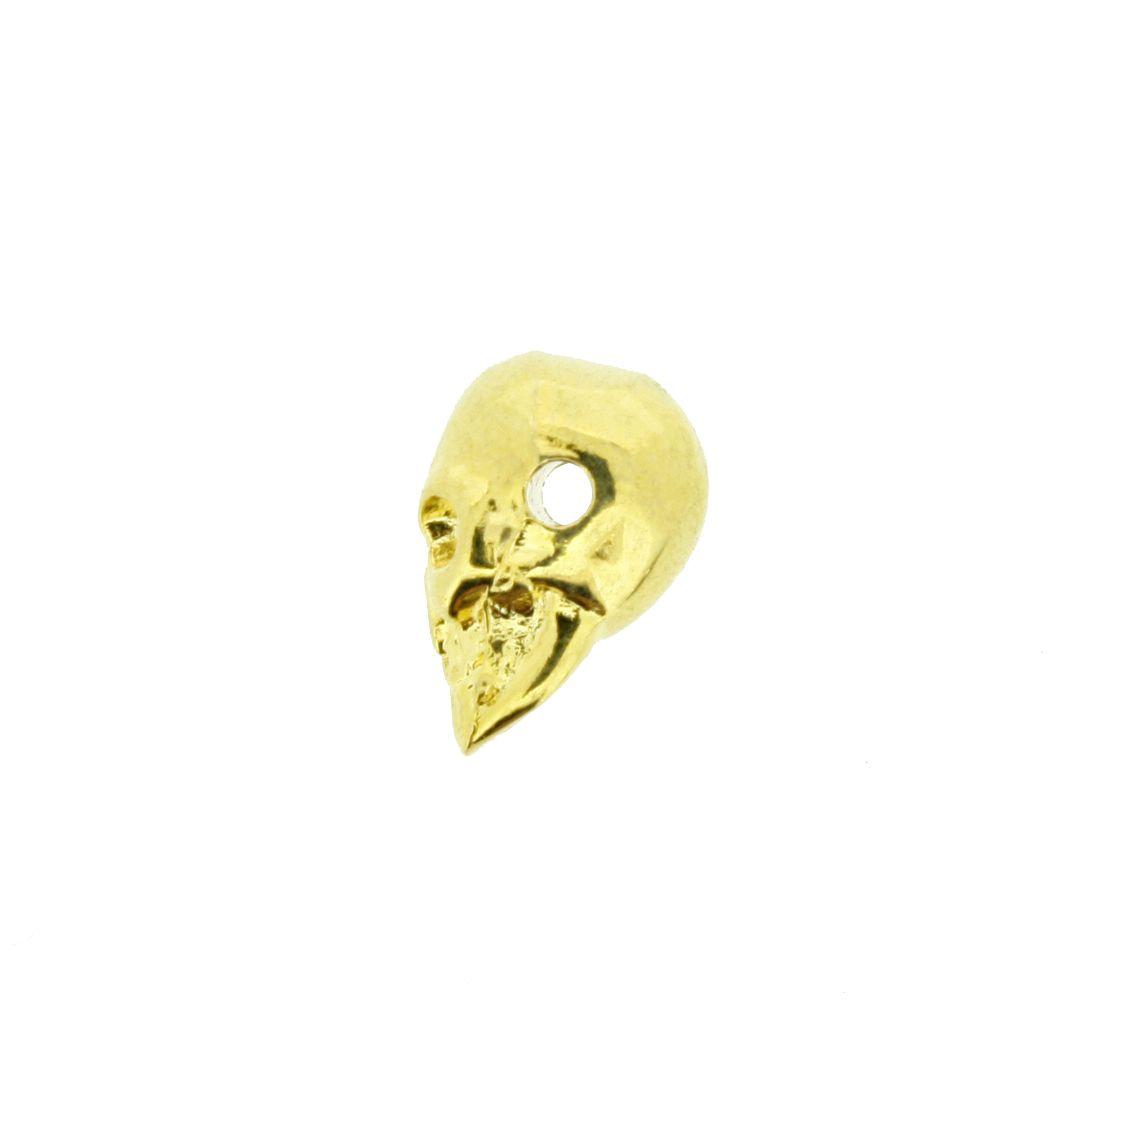 Caveira - Dourada - 13mm - 01 Peça  - Stéphanie Bijoux® - Peças para Bijuterias e Artesanato